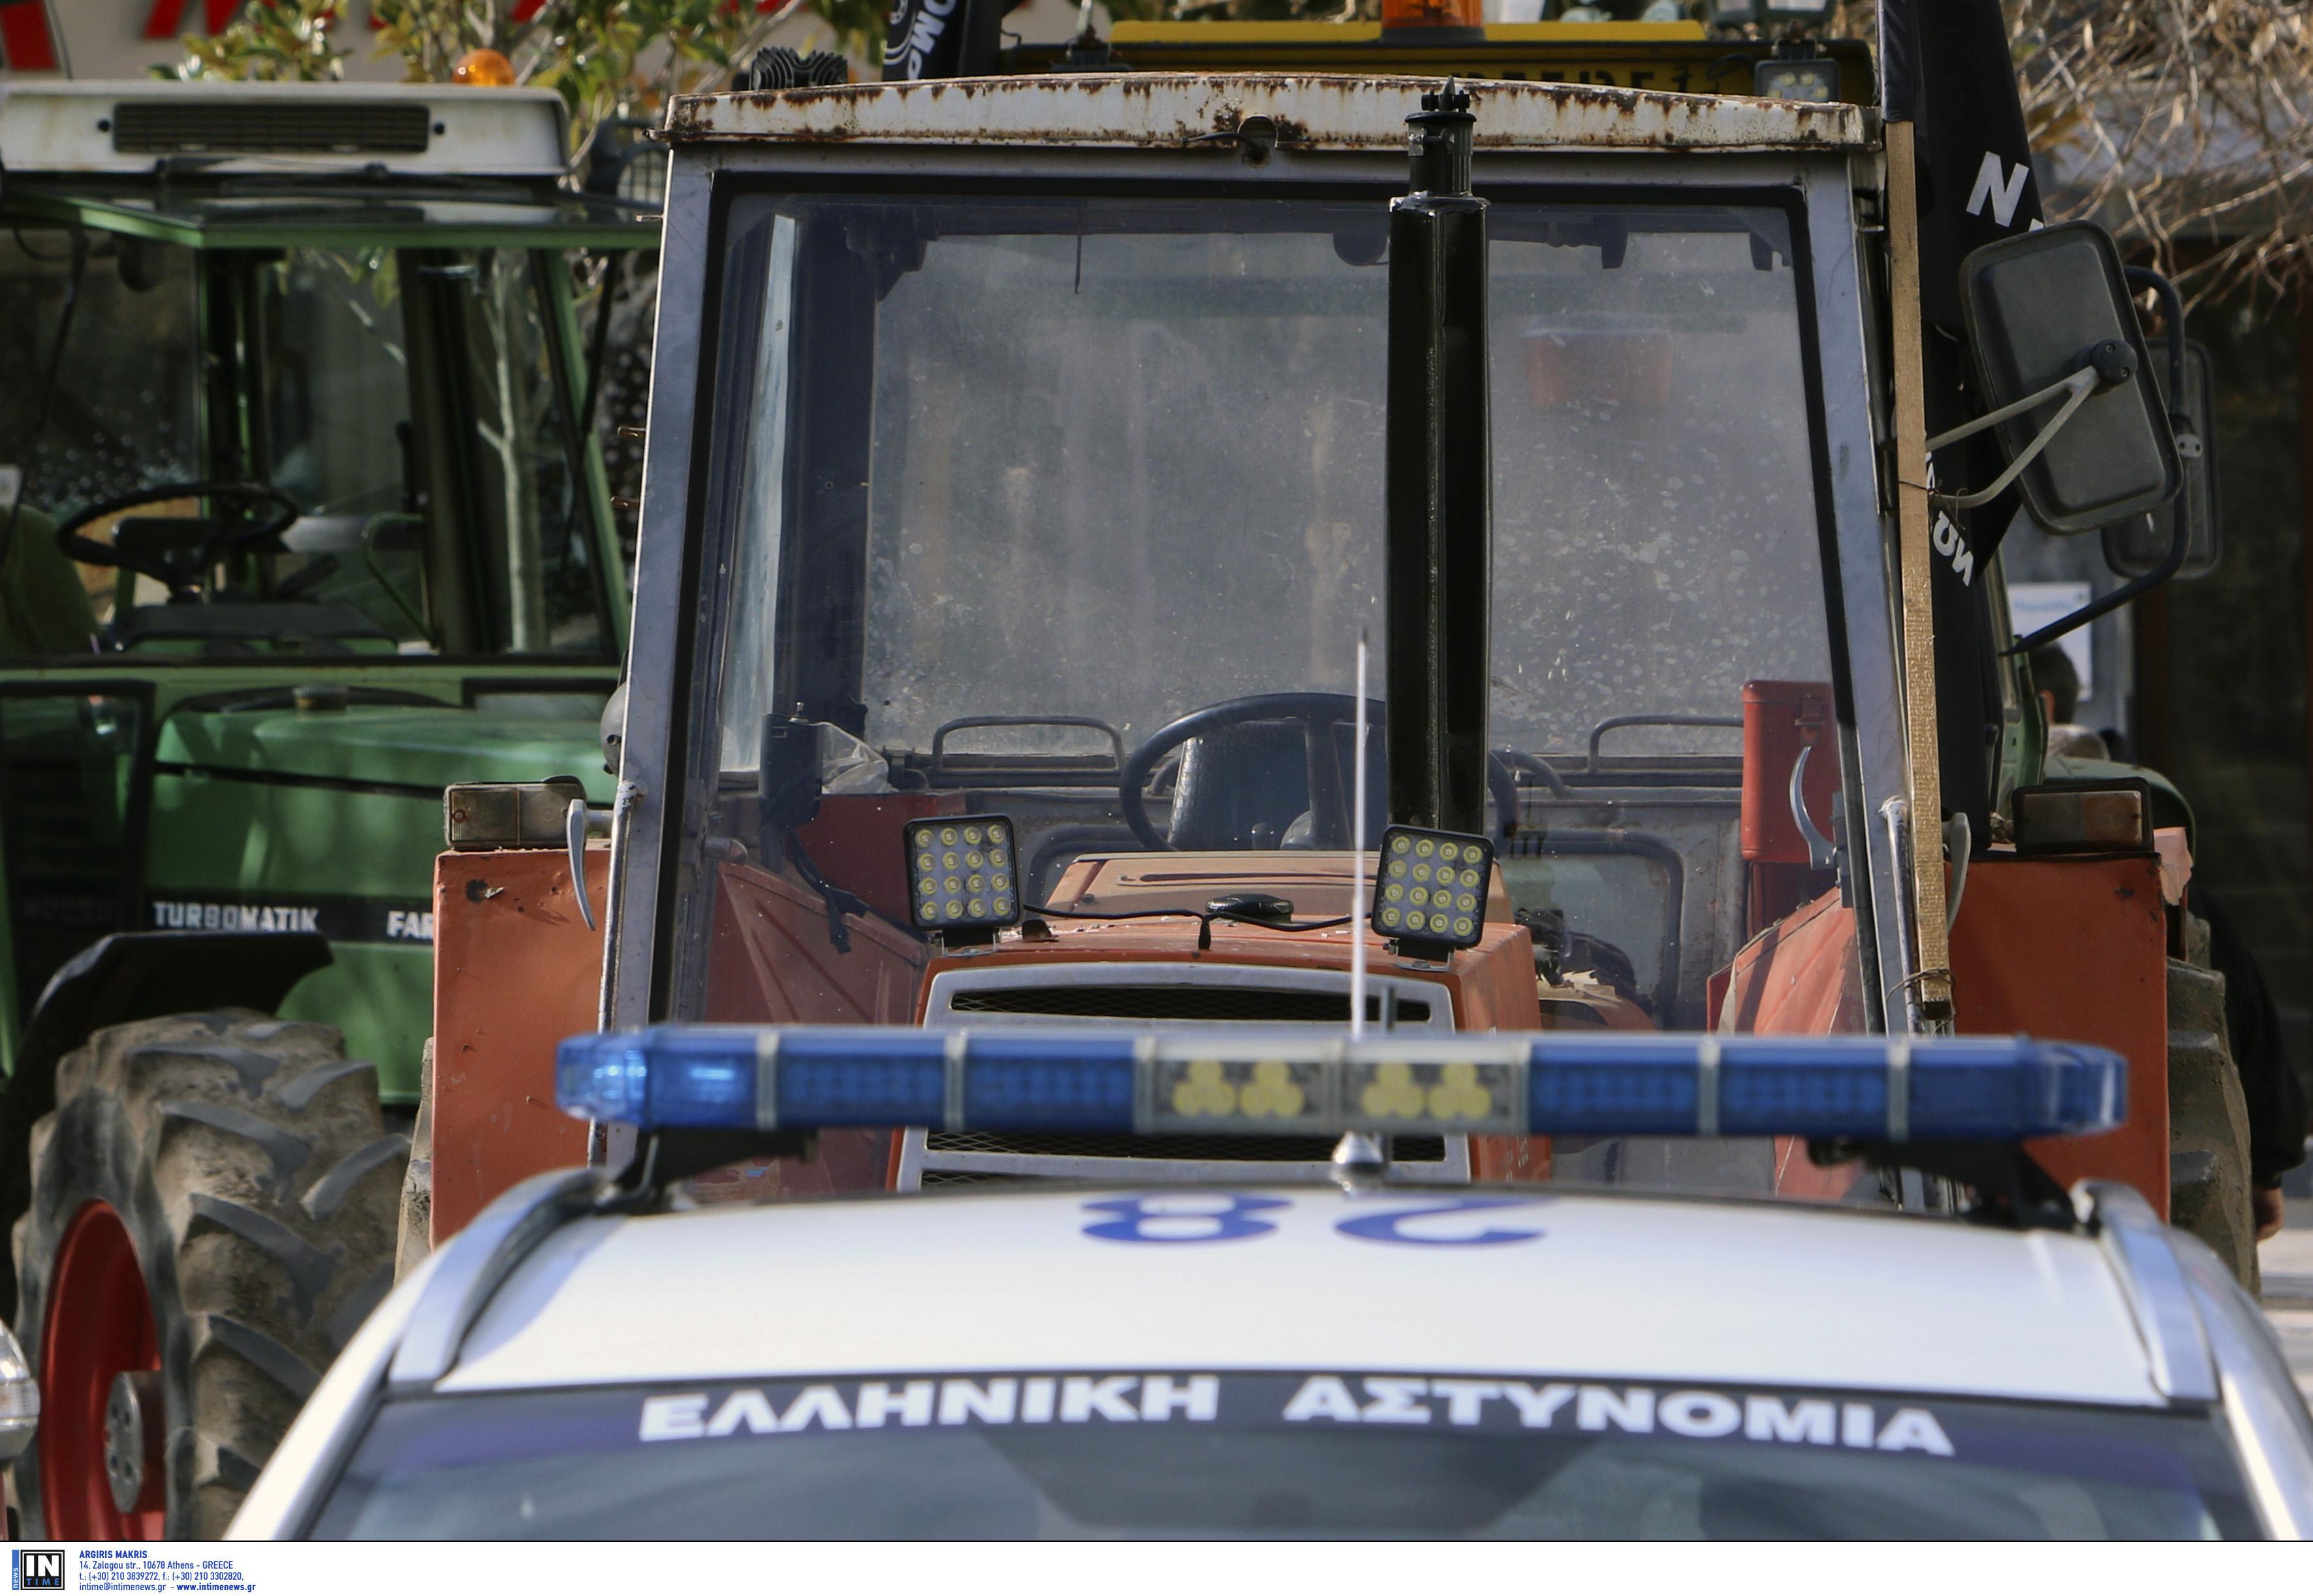 Μεσσηνία: Νεαρός καταπλακώθηκε από τρακτέρ και σκοτώθηκε